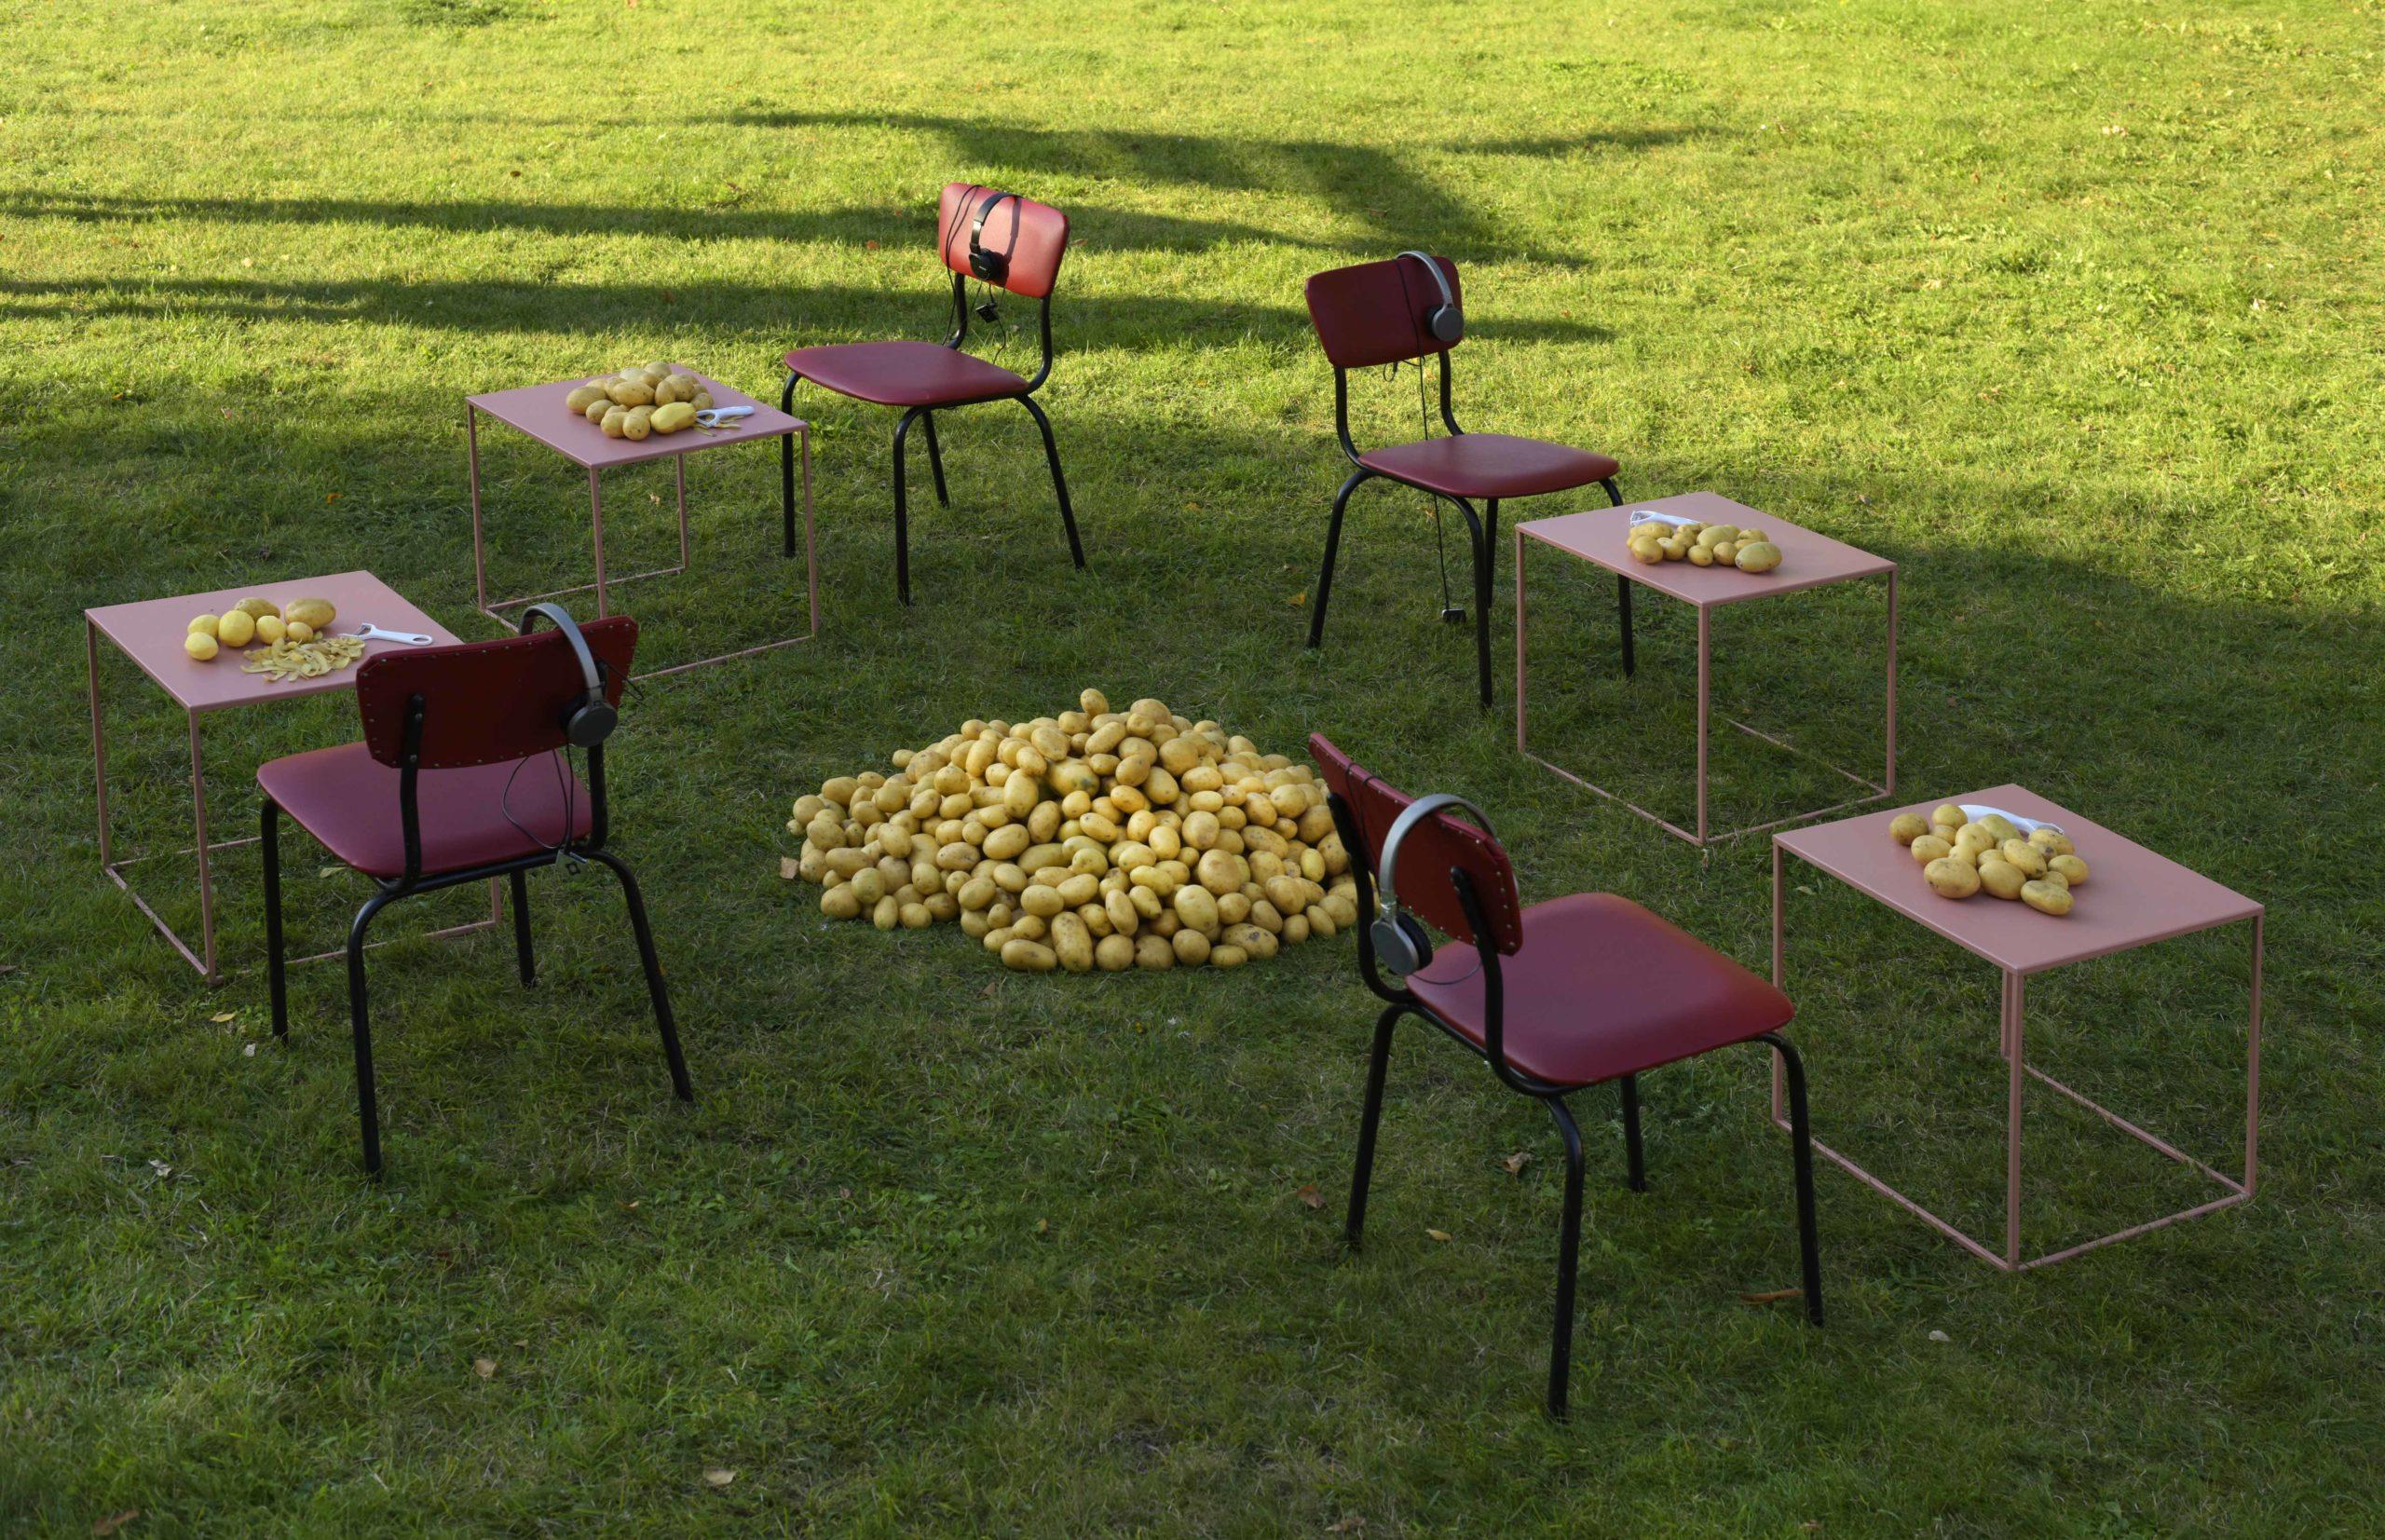 anderes Foto von Kartoffelaktion in Mecklenburg